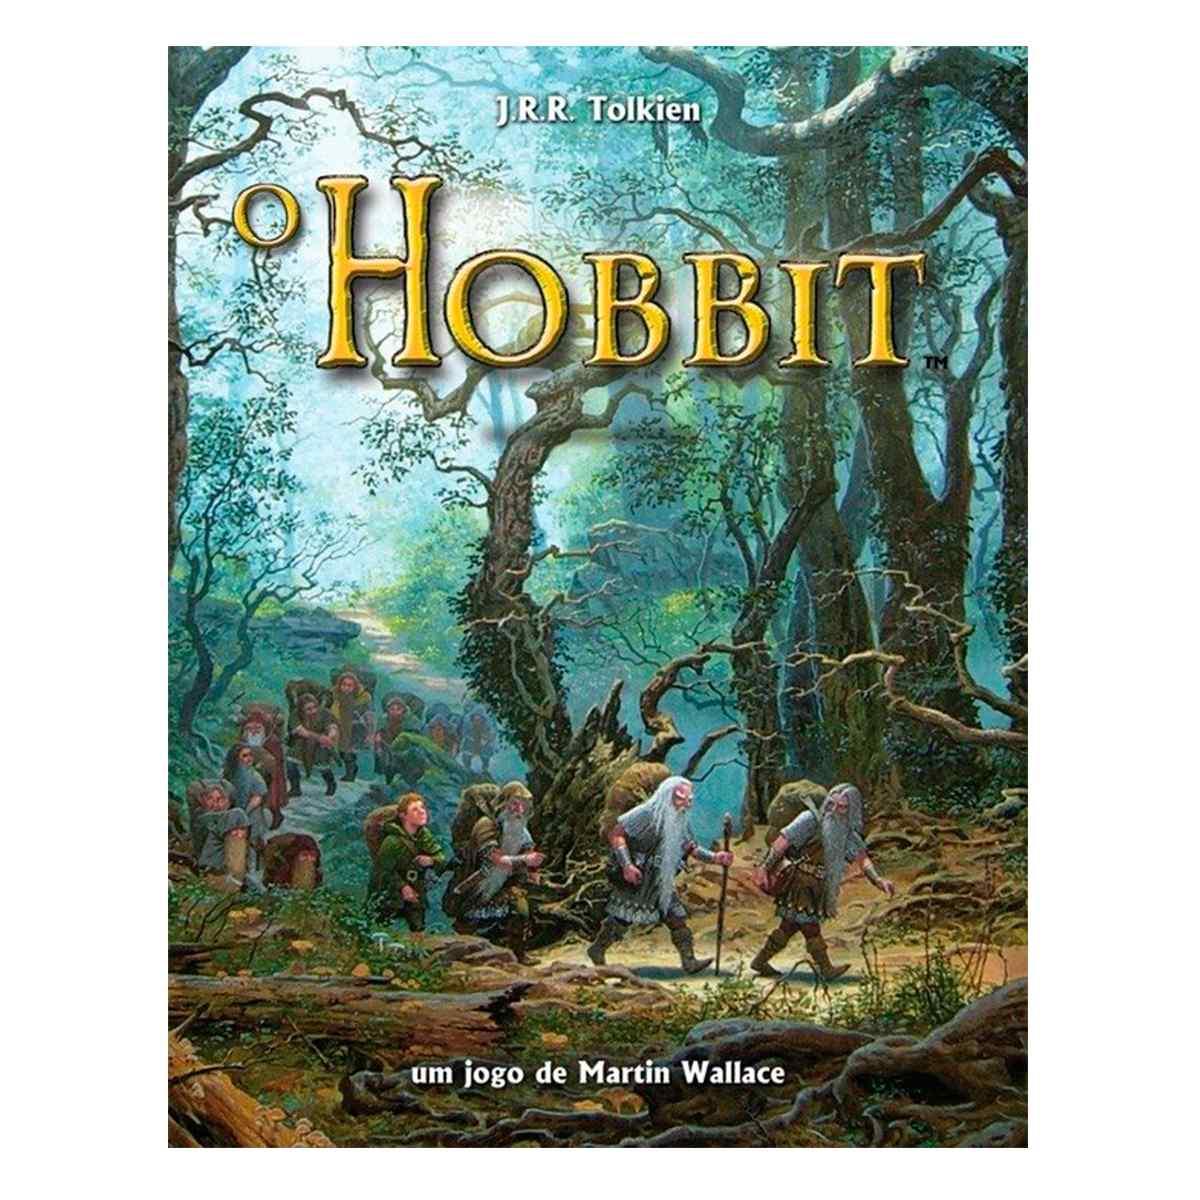 O Hobbit Um jogo de Martin Wallace